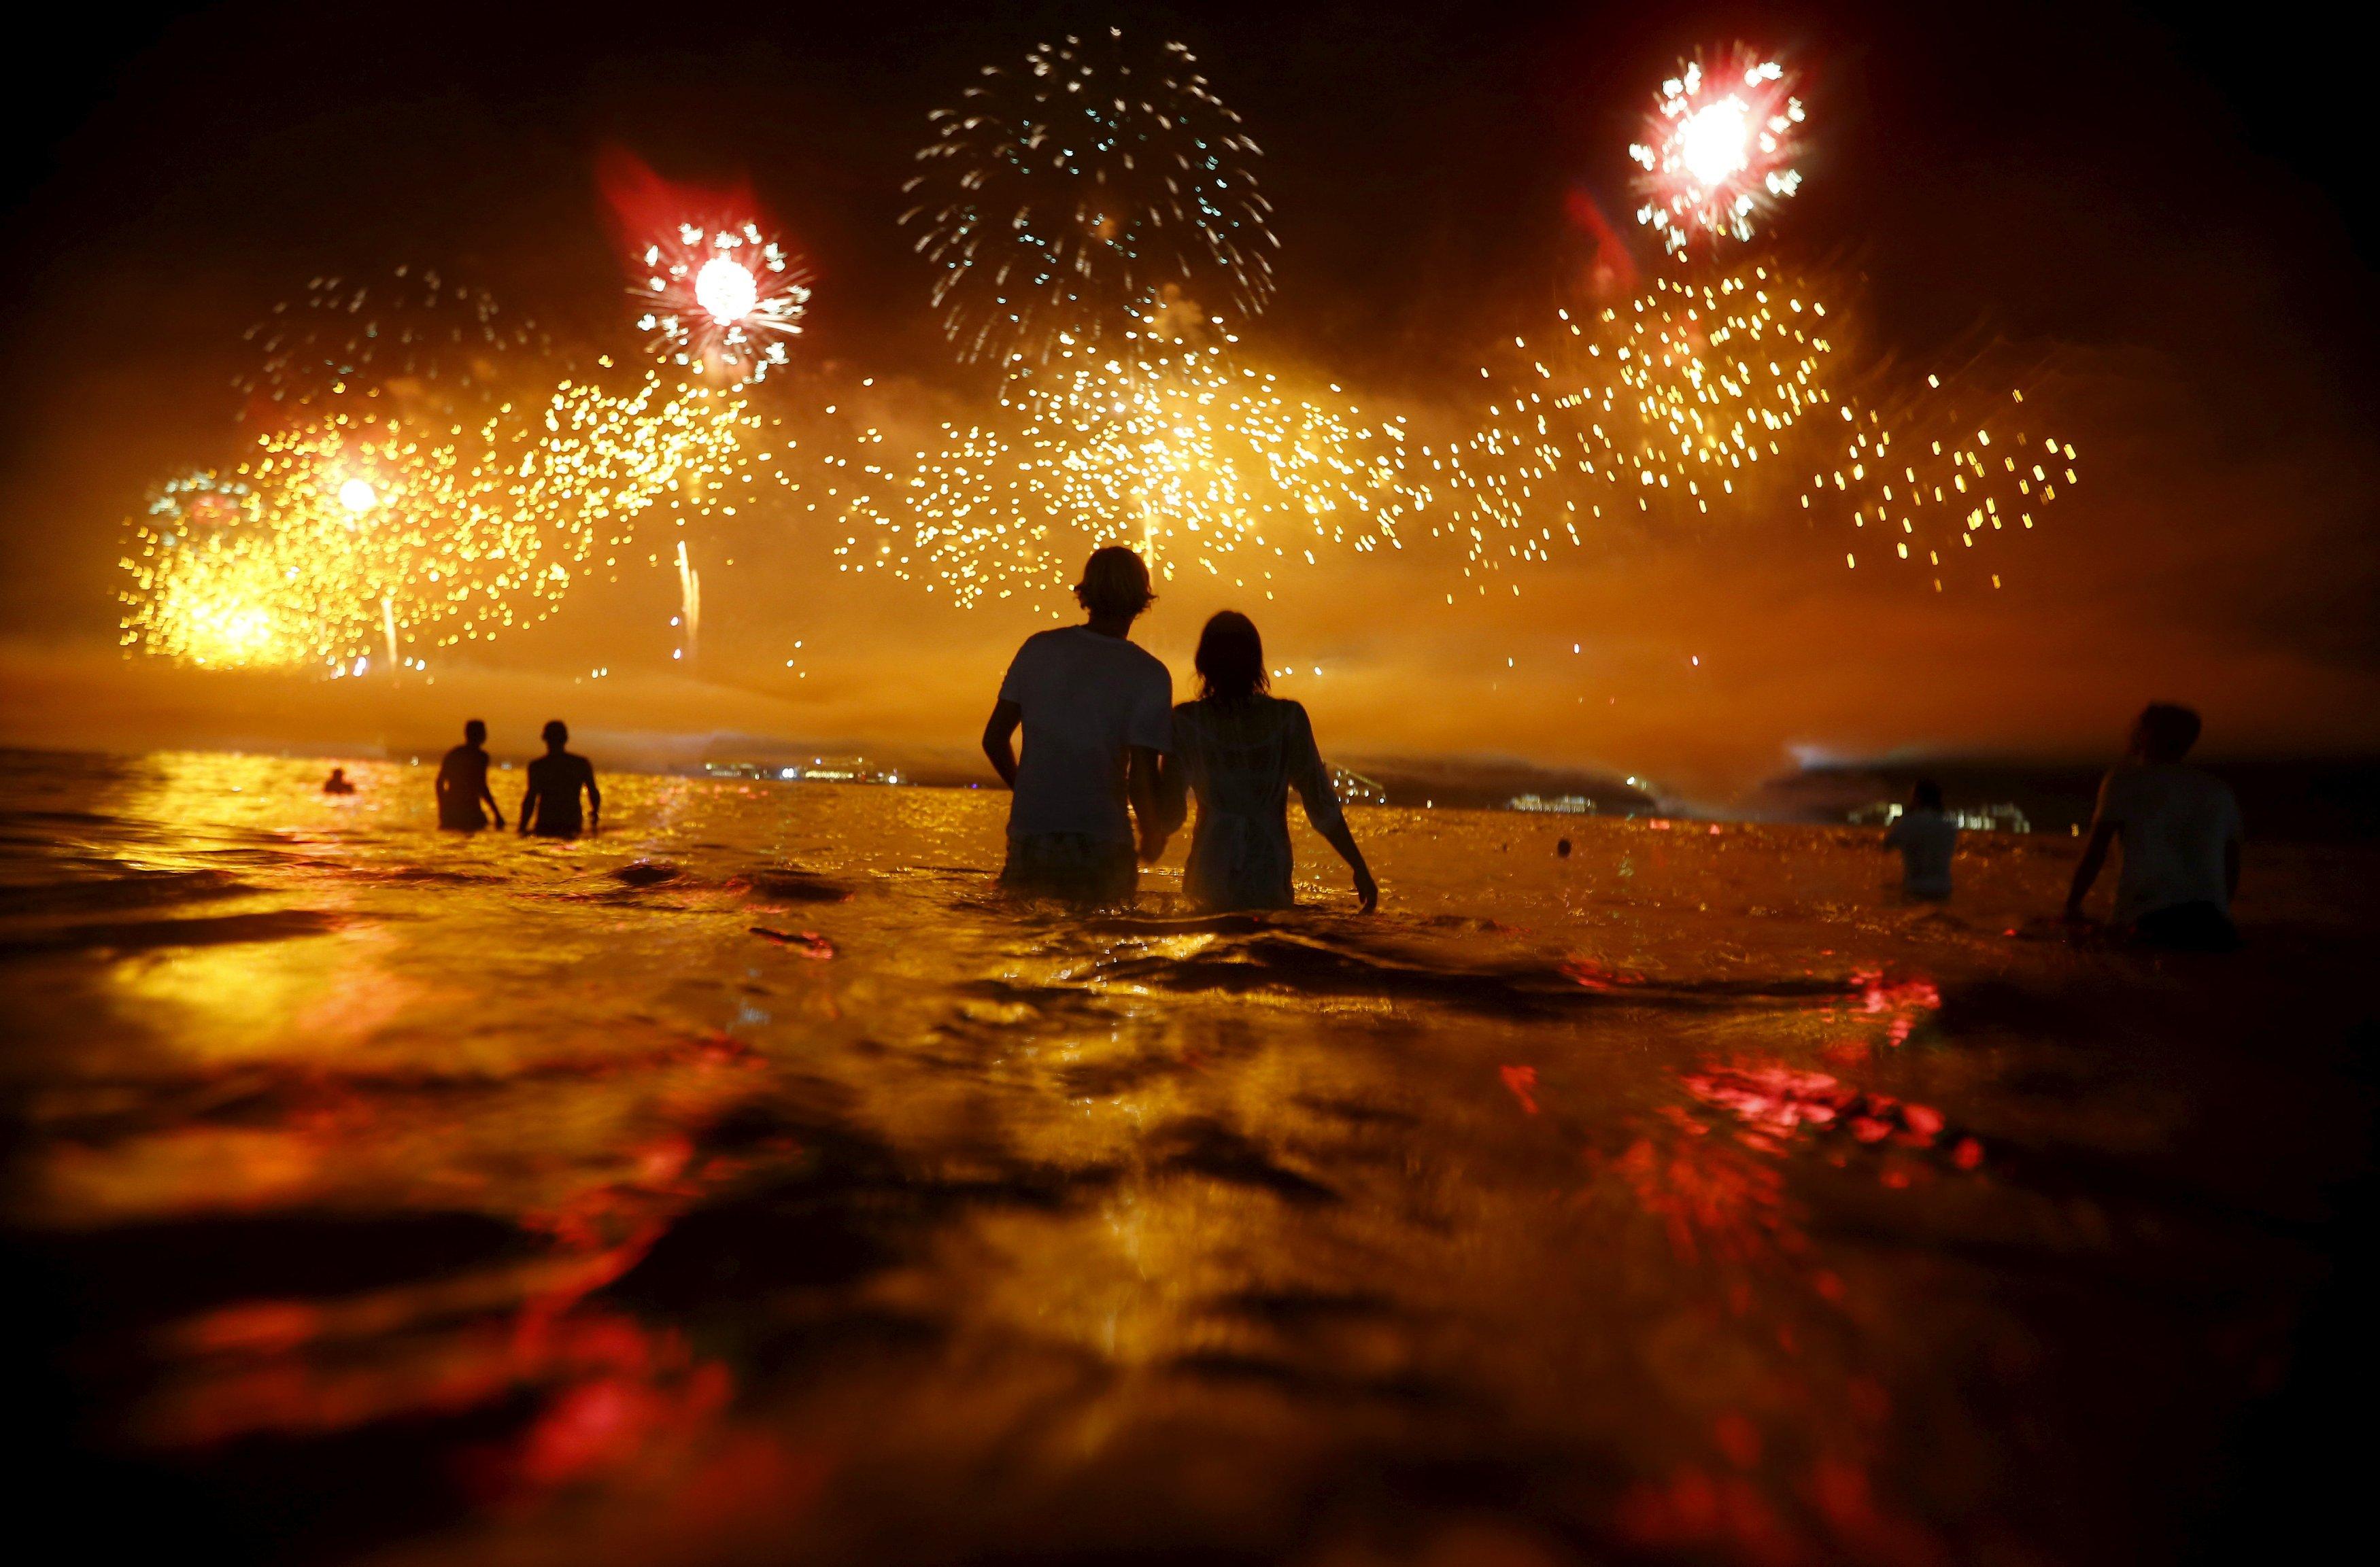 В надежде на чудо: как отмечают Новый год в разных странах